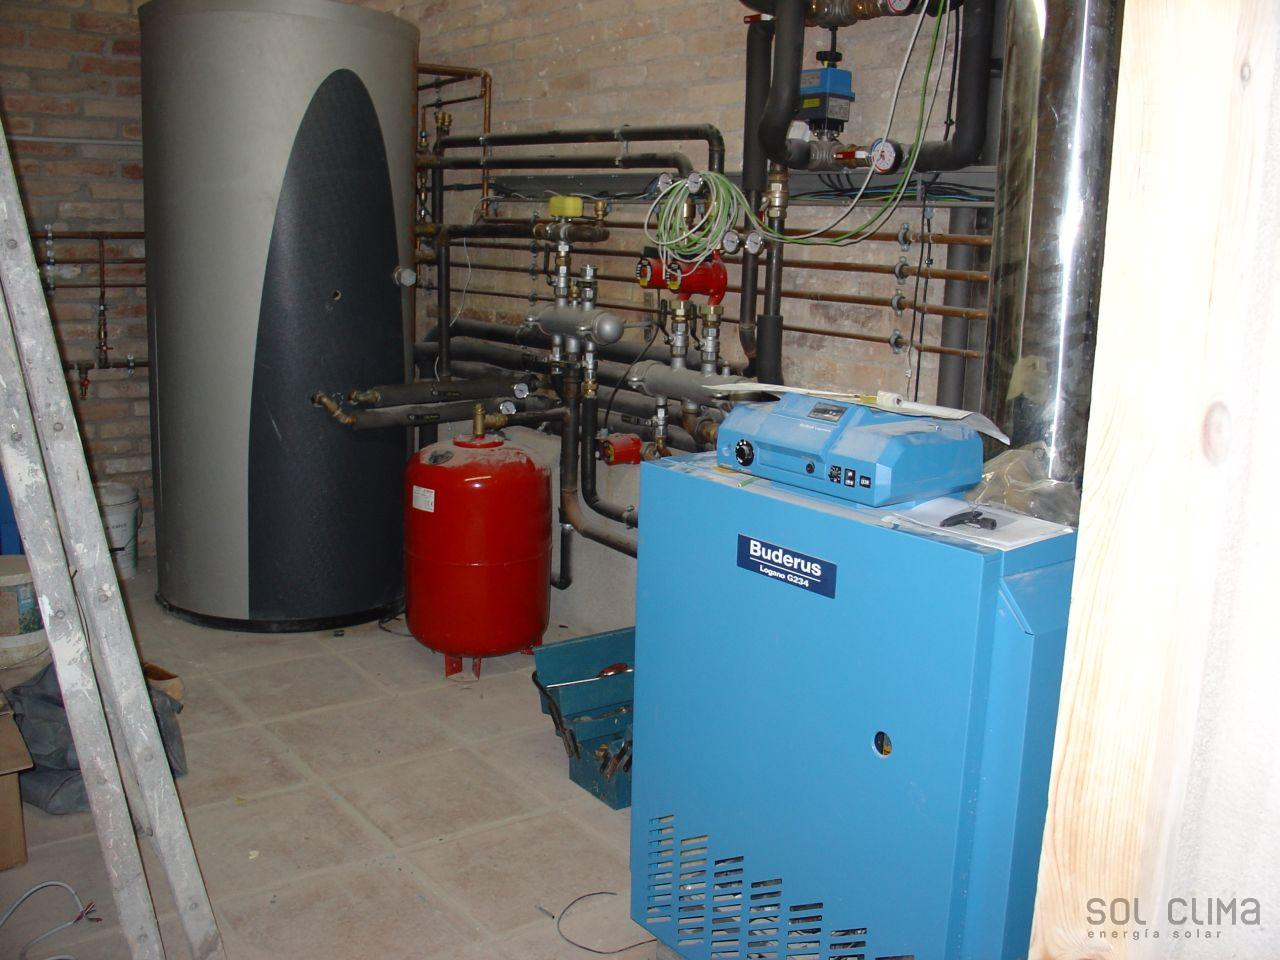 Instalacion energia solar fotovoltaica calefaccion - Calderas para suelo radiante ...